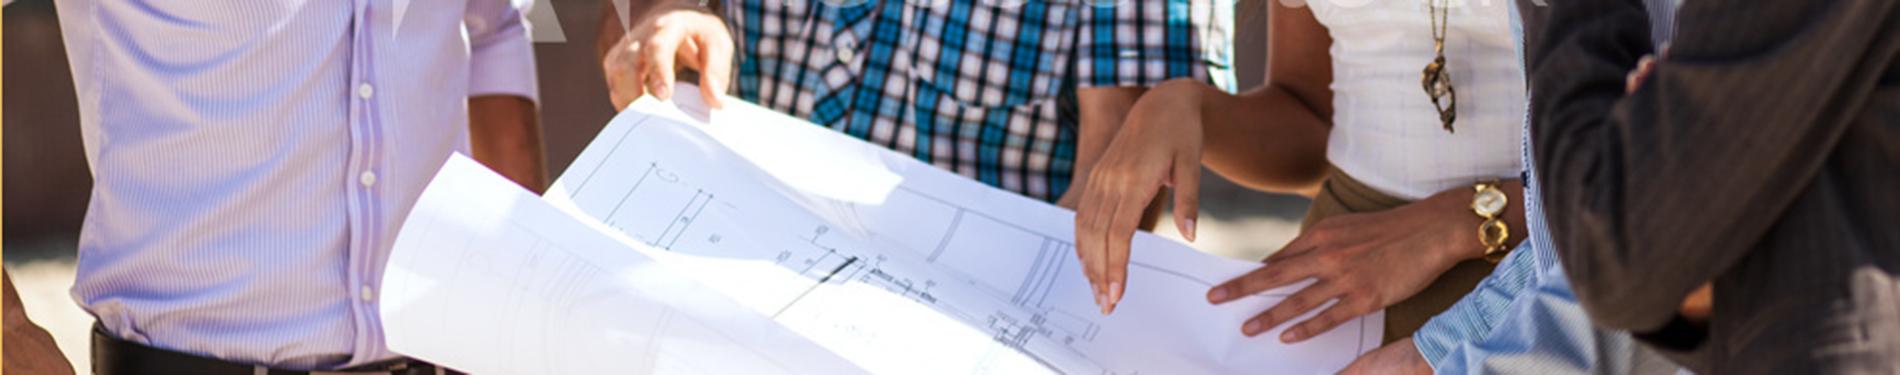 subcontractors reading plans